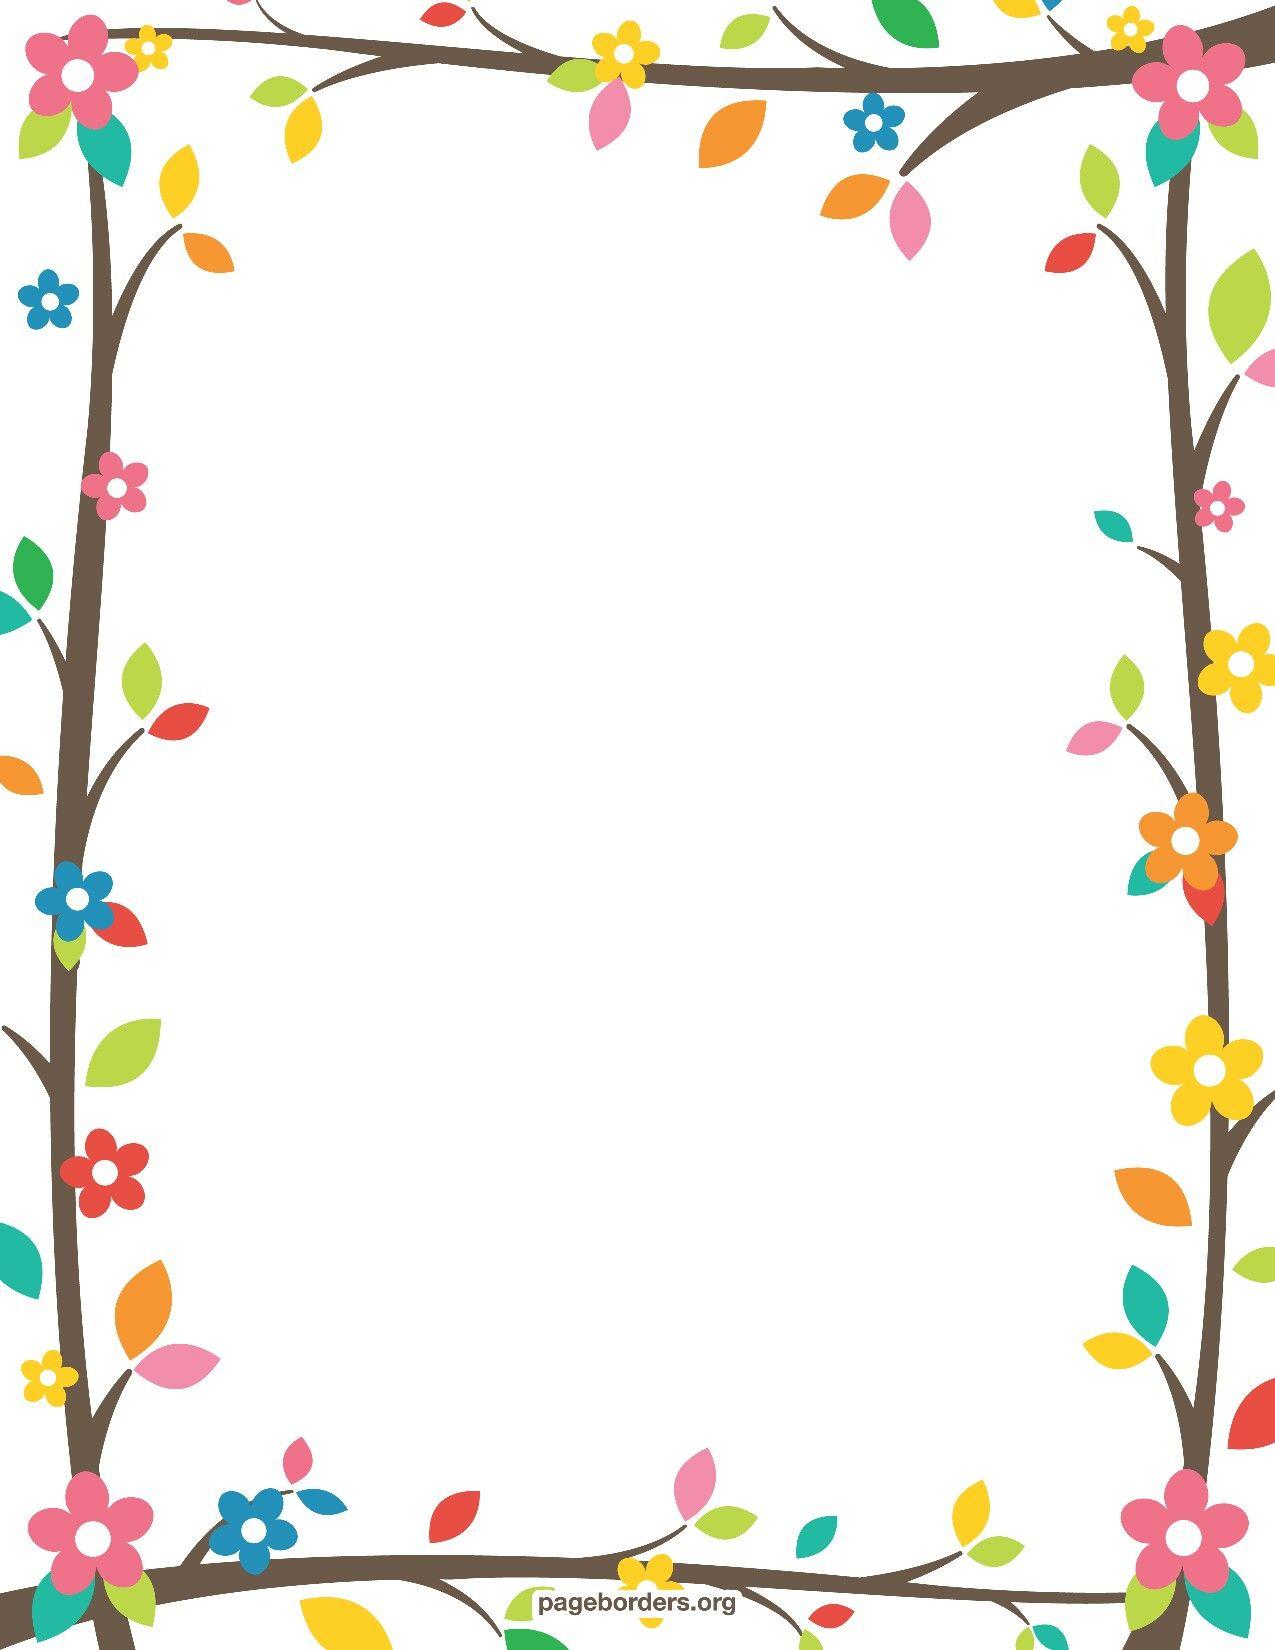 Resultado De Imagen Para Free Printable Border Designs For Paper - Free Printable Summer Borders